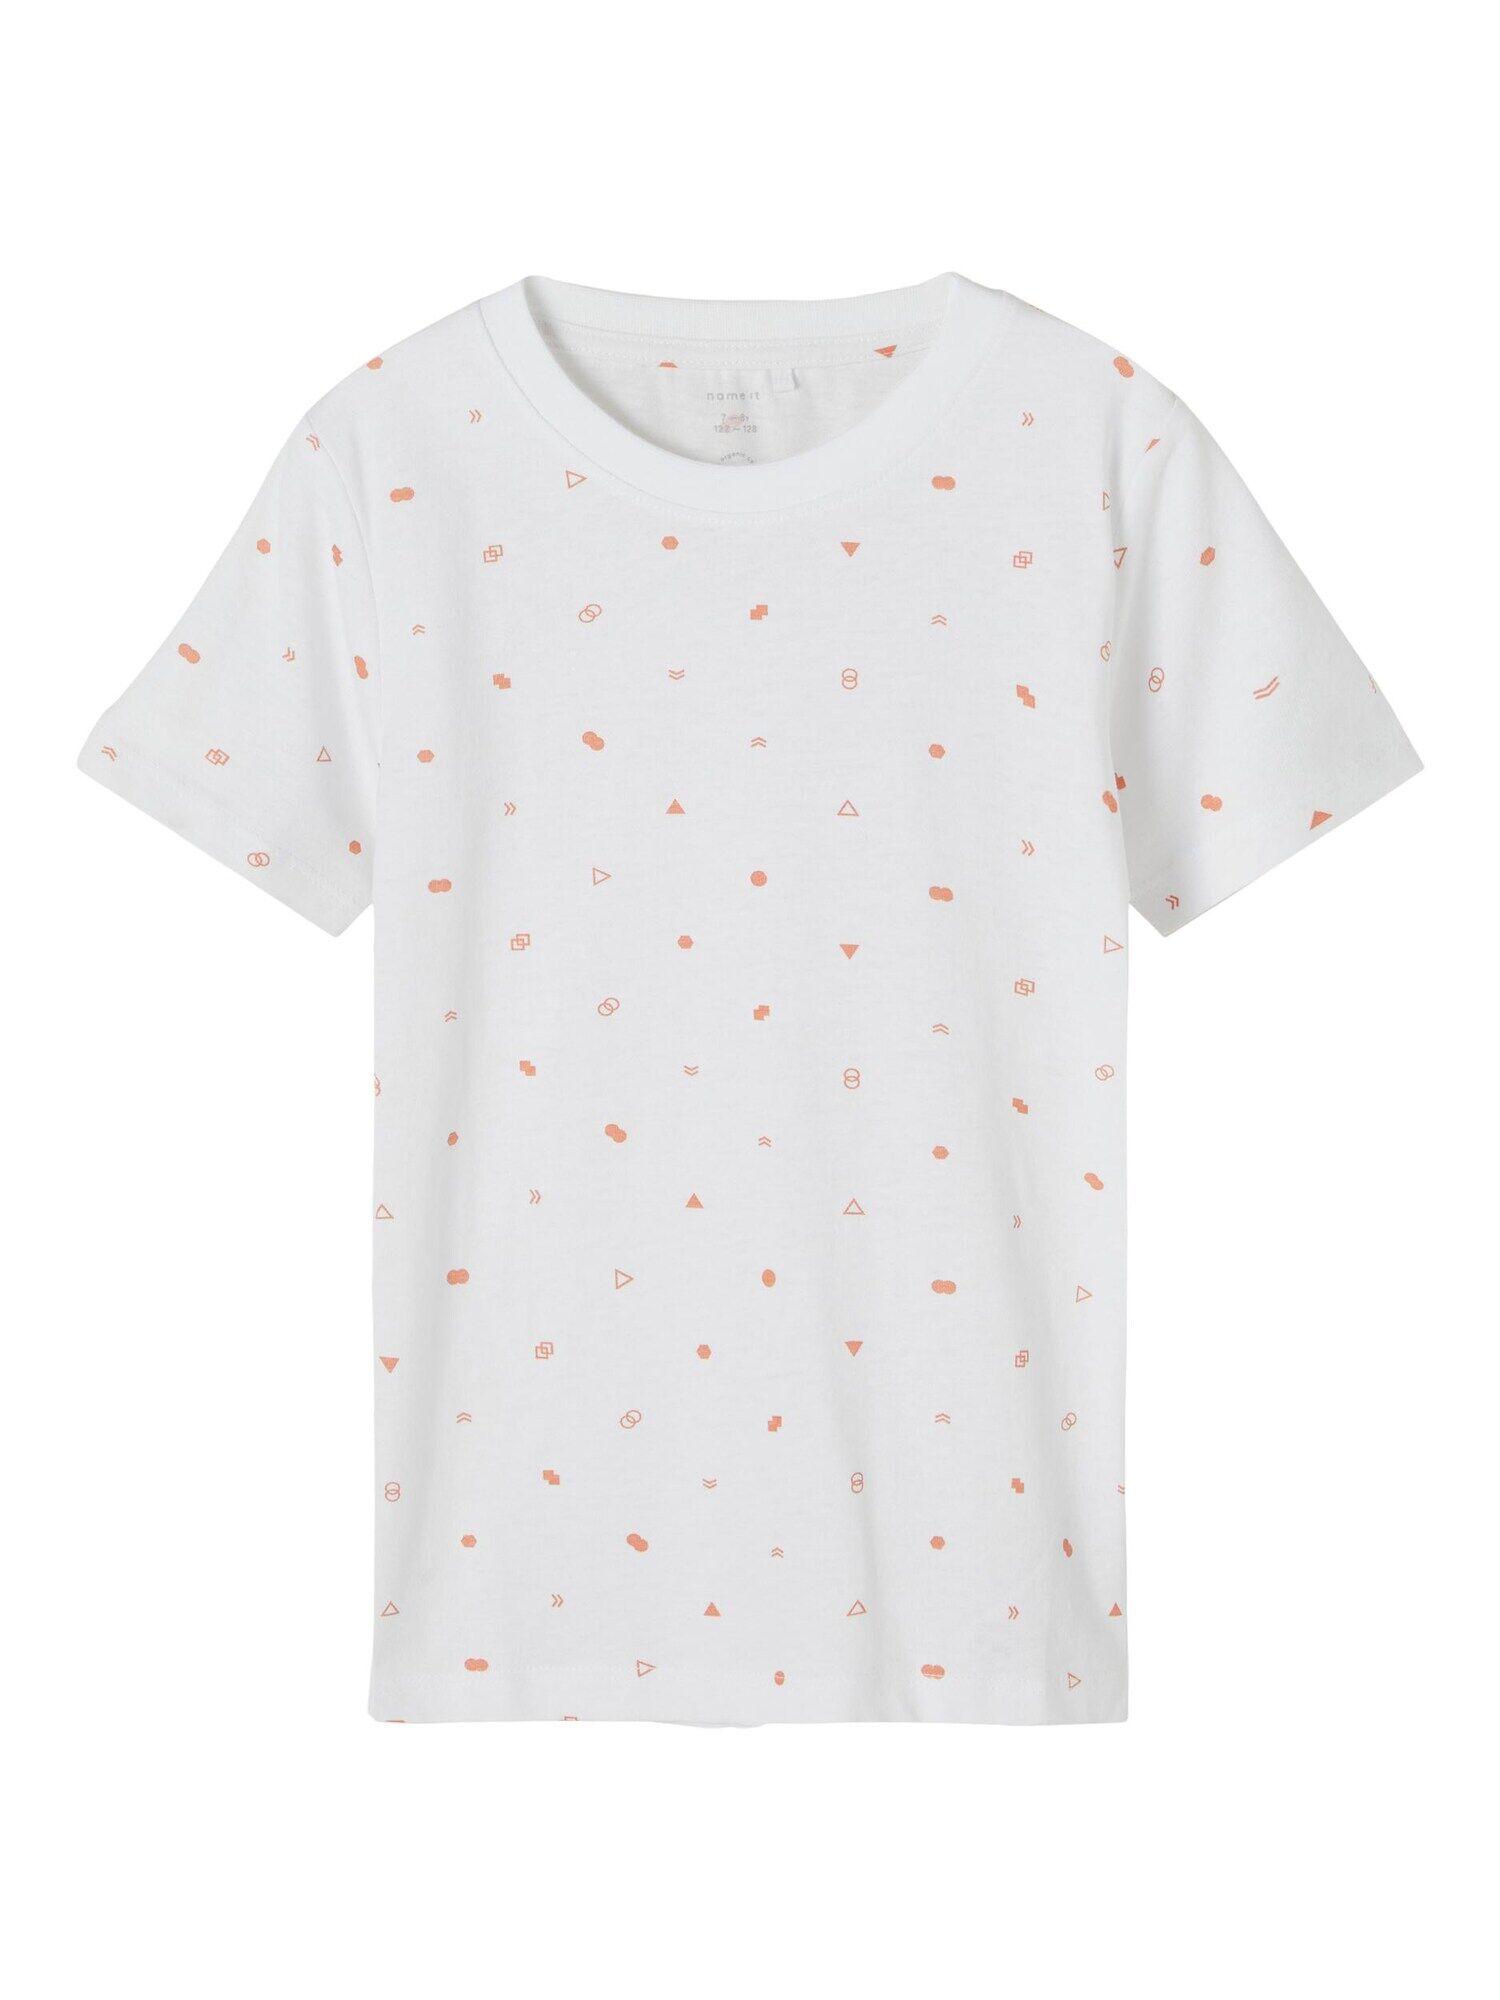 NAME IT T-Shirt 'Fallon'  - Blanc - Taille: 134-140 - boy